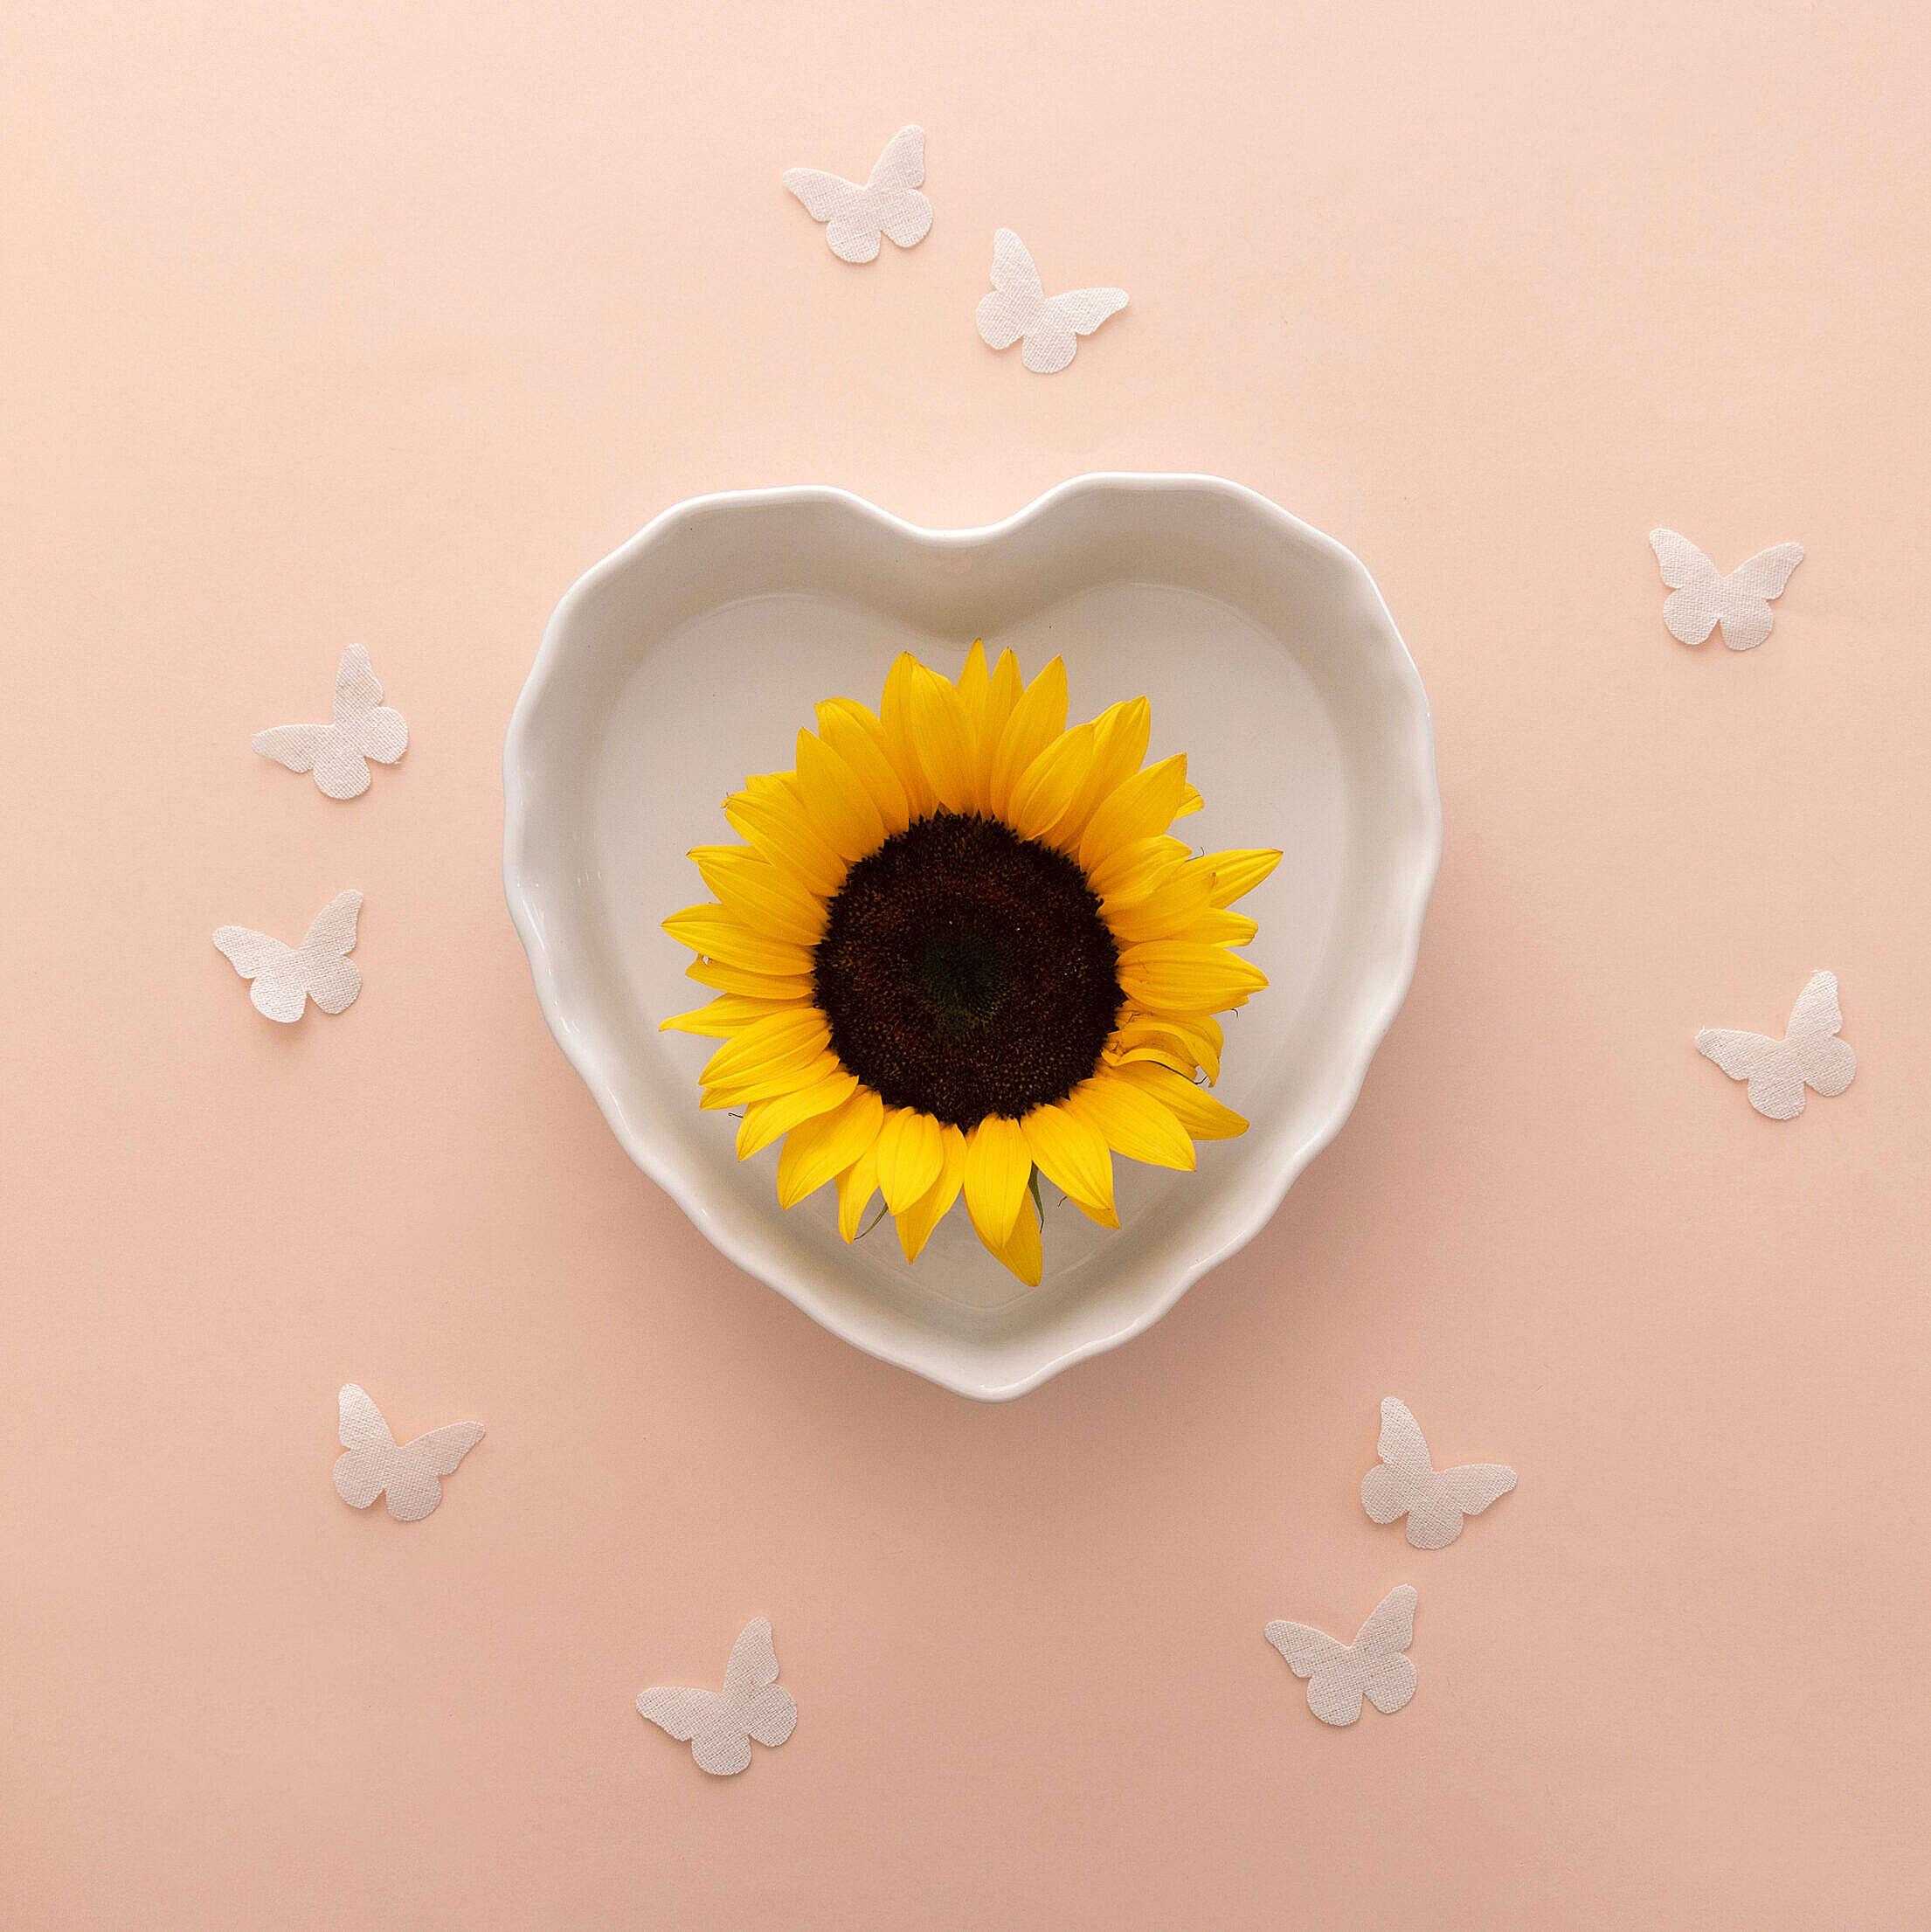 Beautiful Sunflower Flat Lay Free Stock Photo